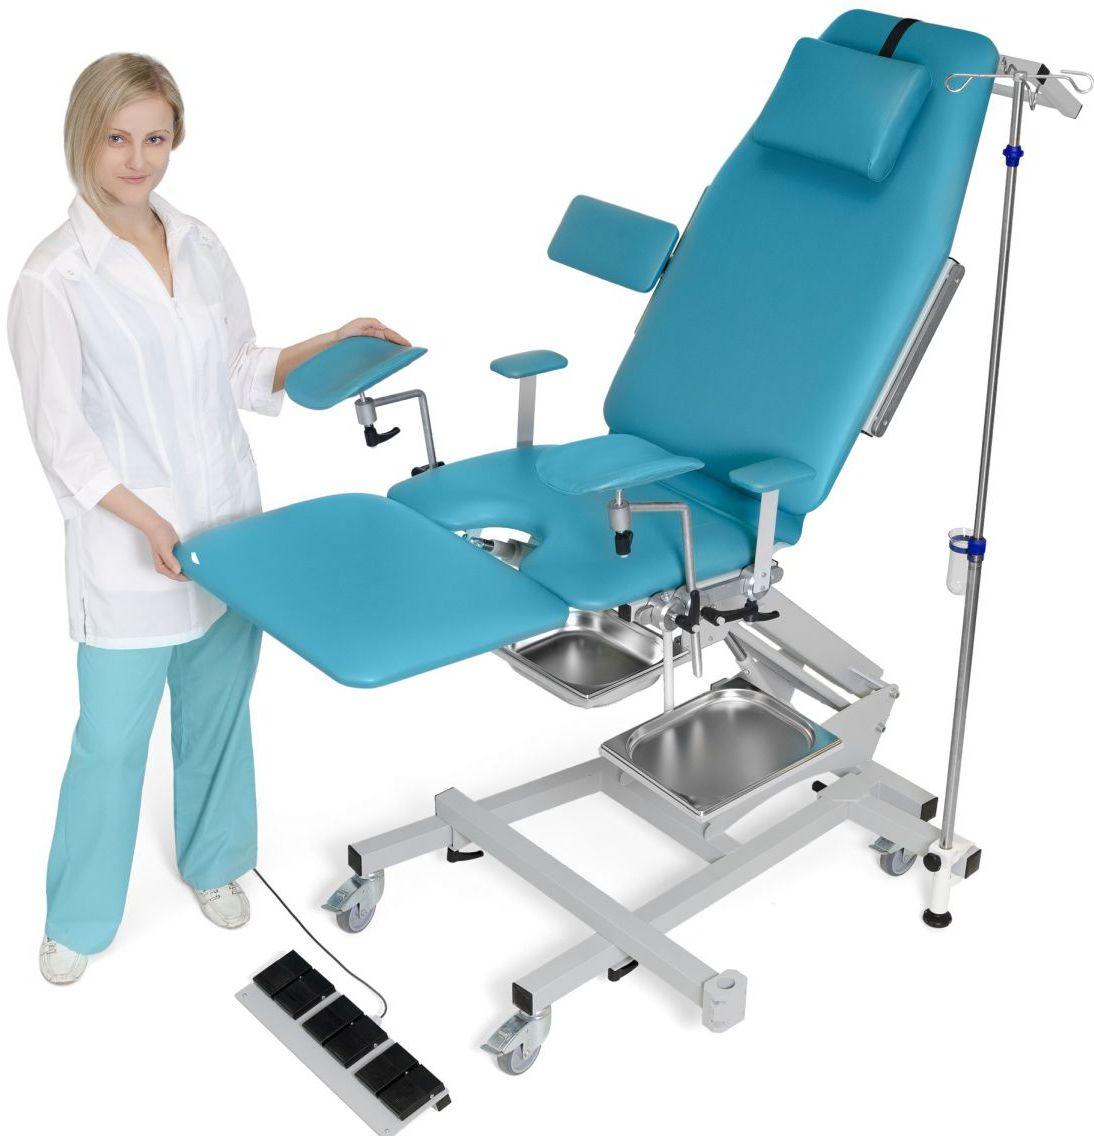 Фото в кресле гинеколога 9 фотография